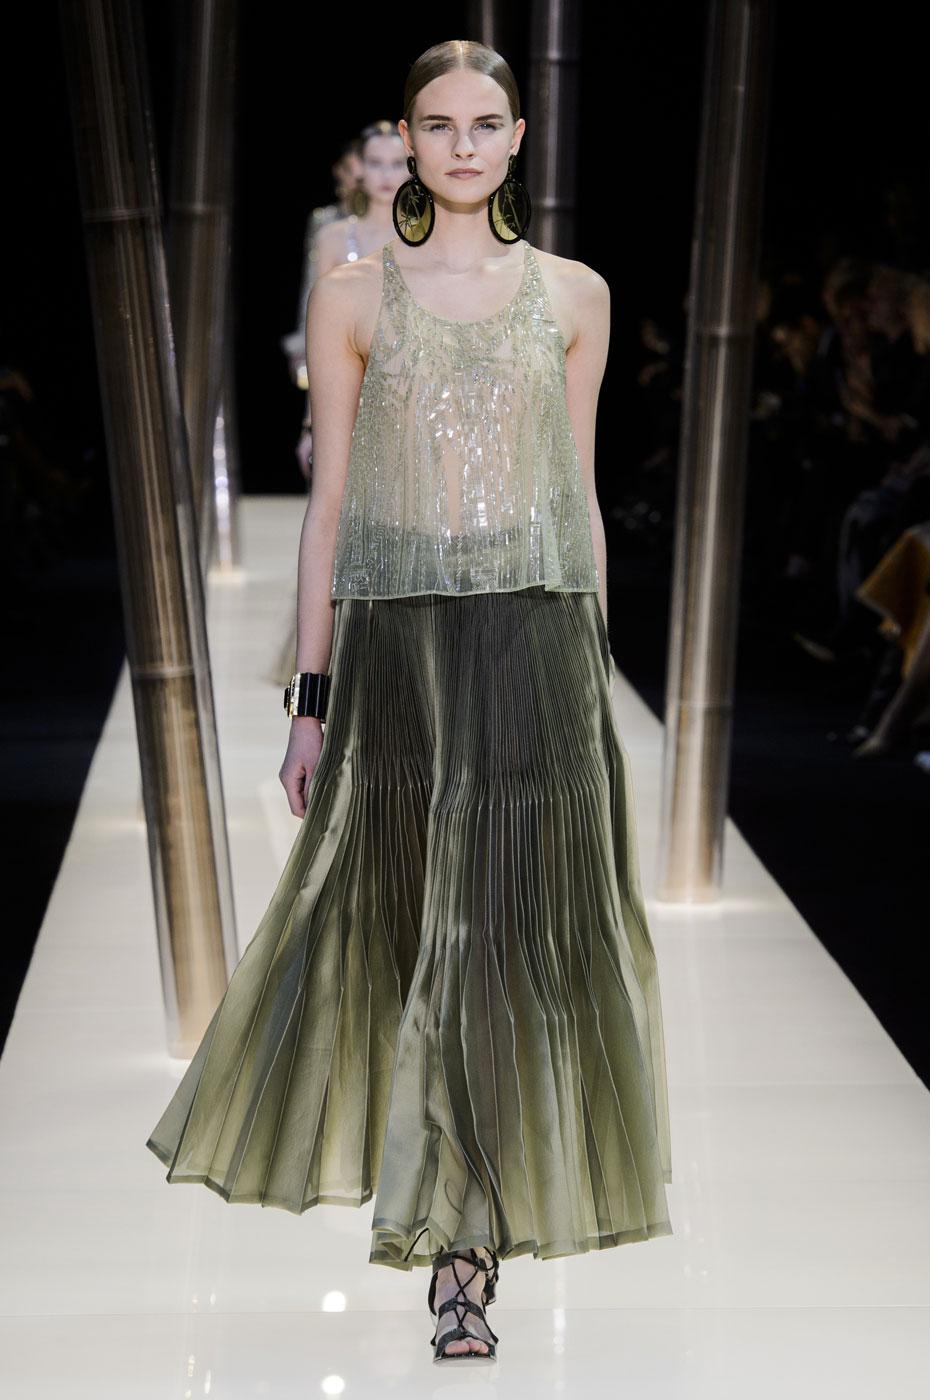 Giorgio-armani-Prive-fashion-runway-show-haute-couture-paris-spring-2015-the-impression-057